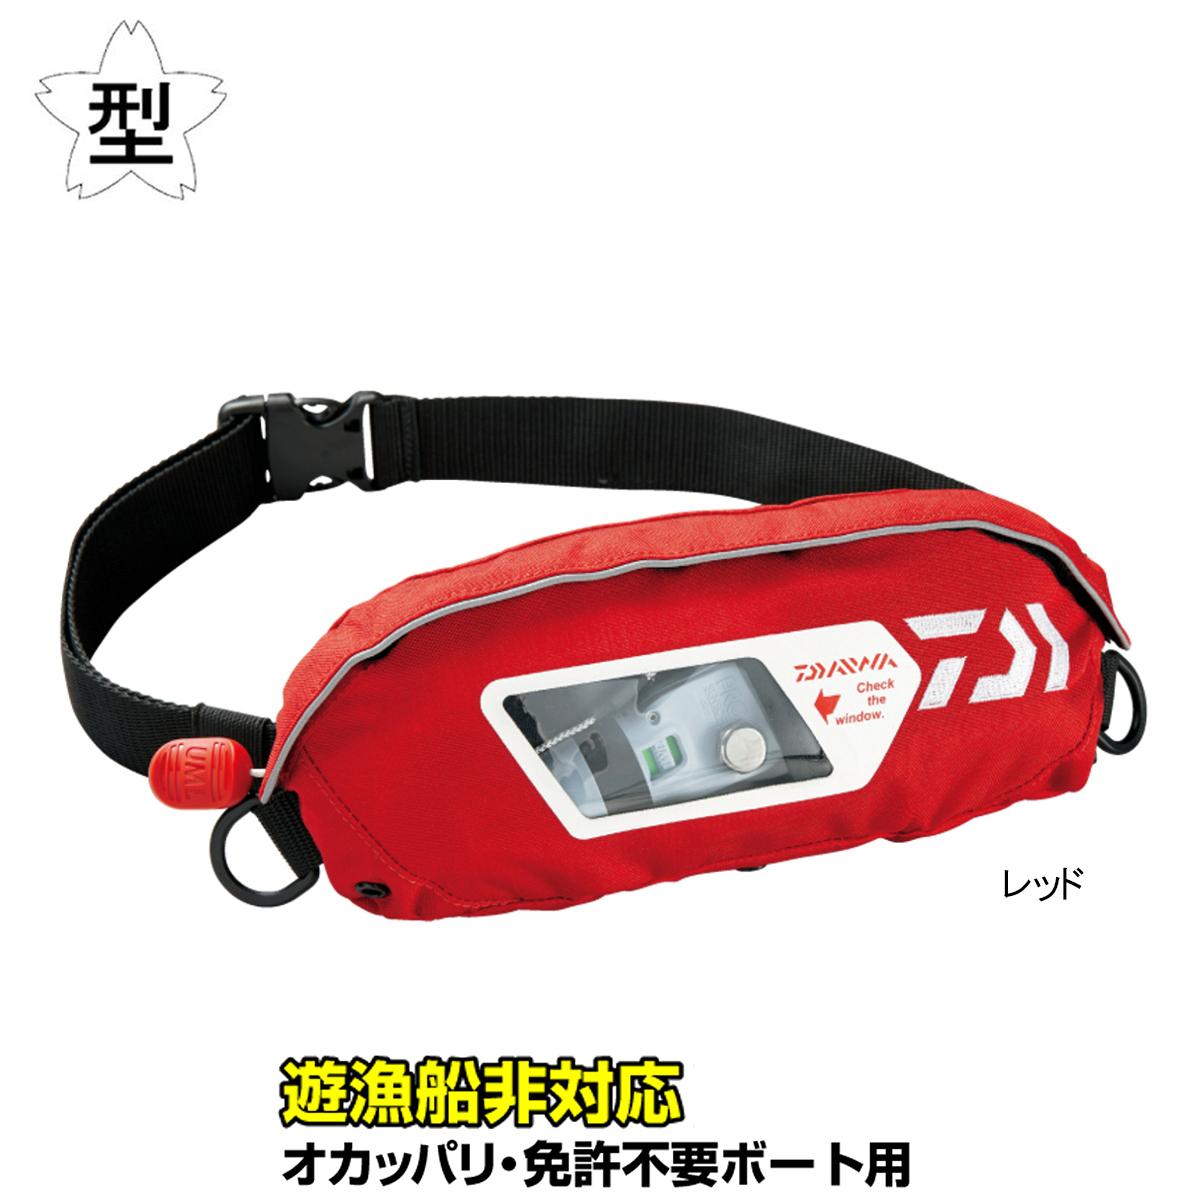 ダイワ ウォッシャブルライフジャケット(ポーチタイプ手動・自動膨張式) DF-2307 レッド